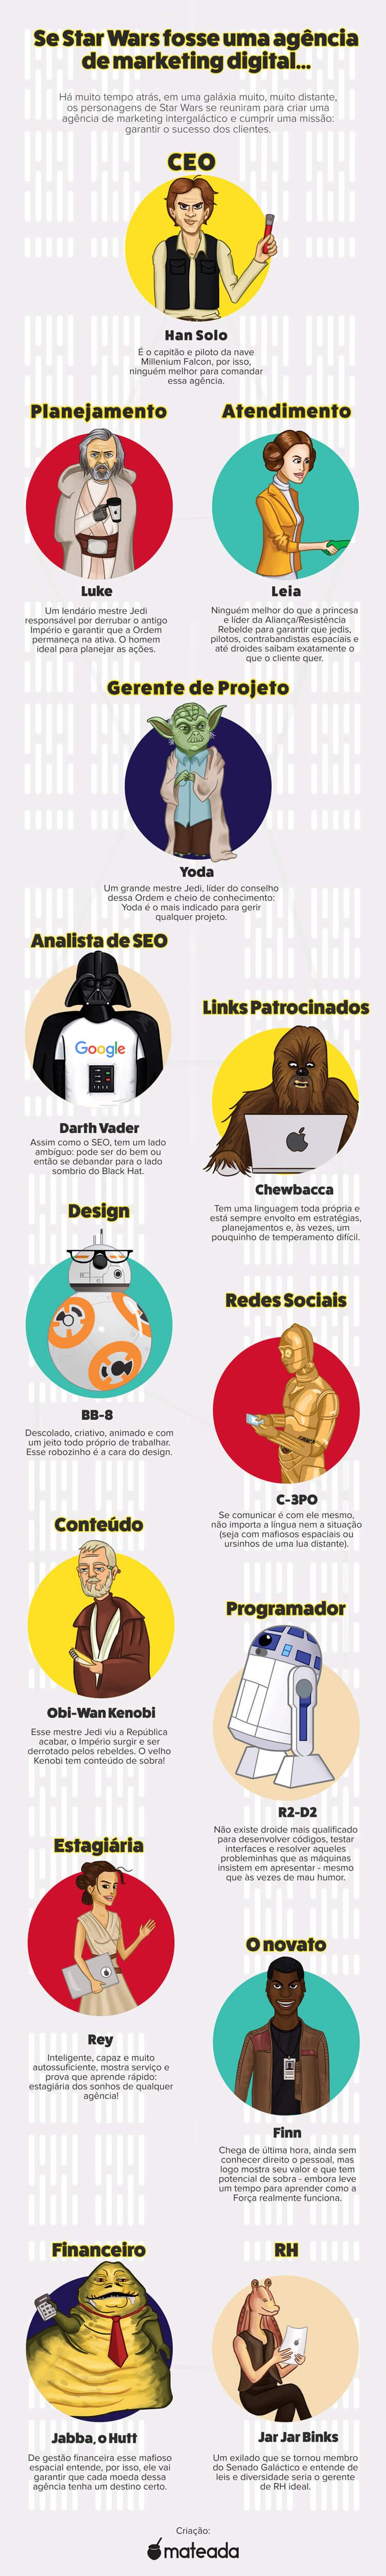 Se Star Wars fosse uma agência de marketing digital